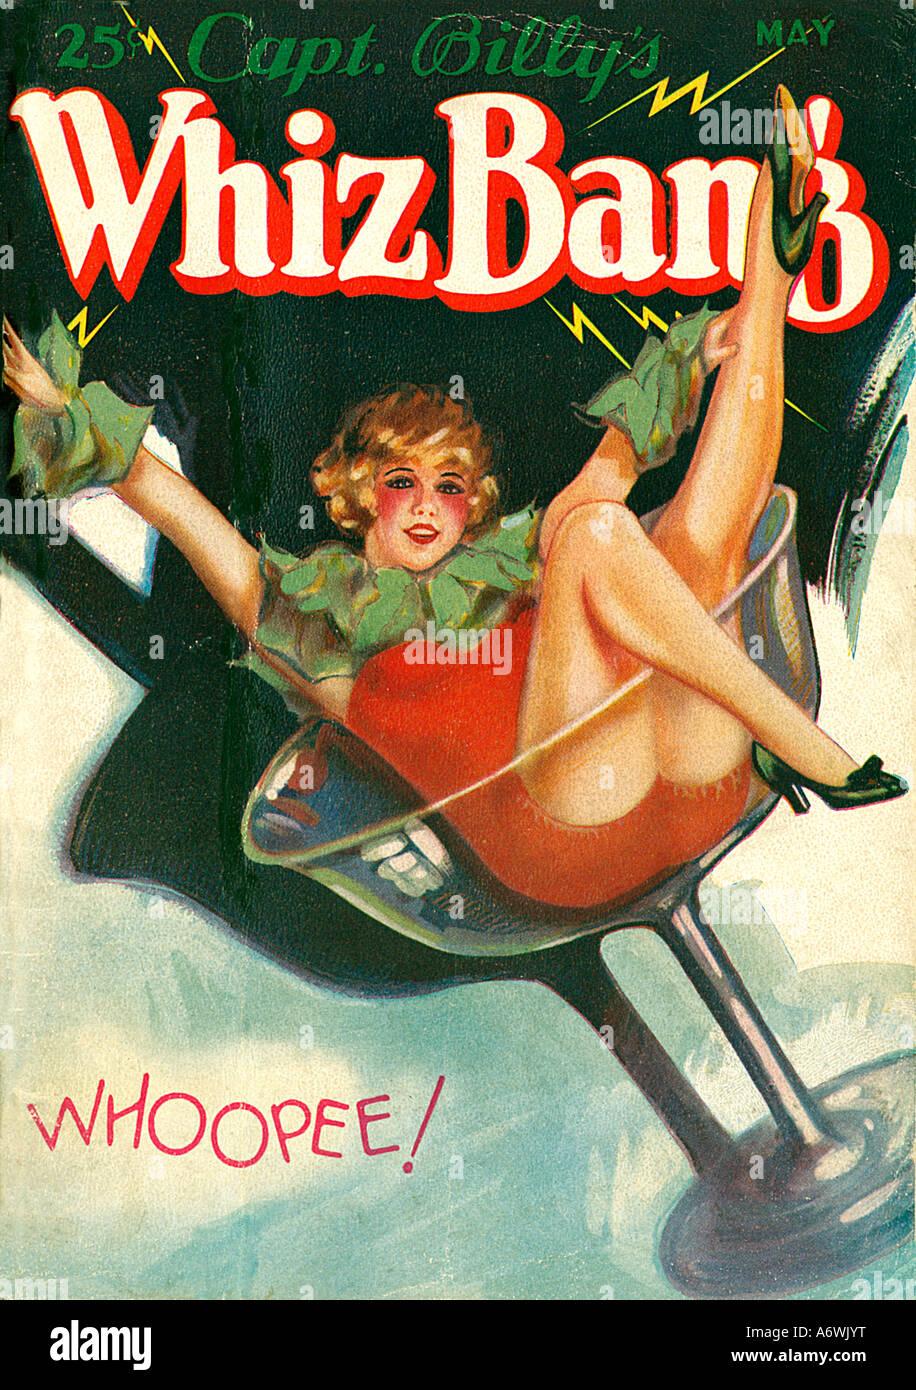 Whiz Bang 1929 amerikanischen populären Zeitschrift zeigt ein Mädchen feiern in einem Glas während Stockbild